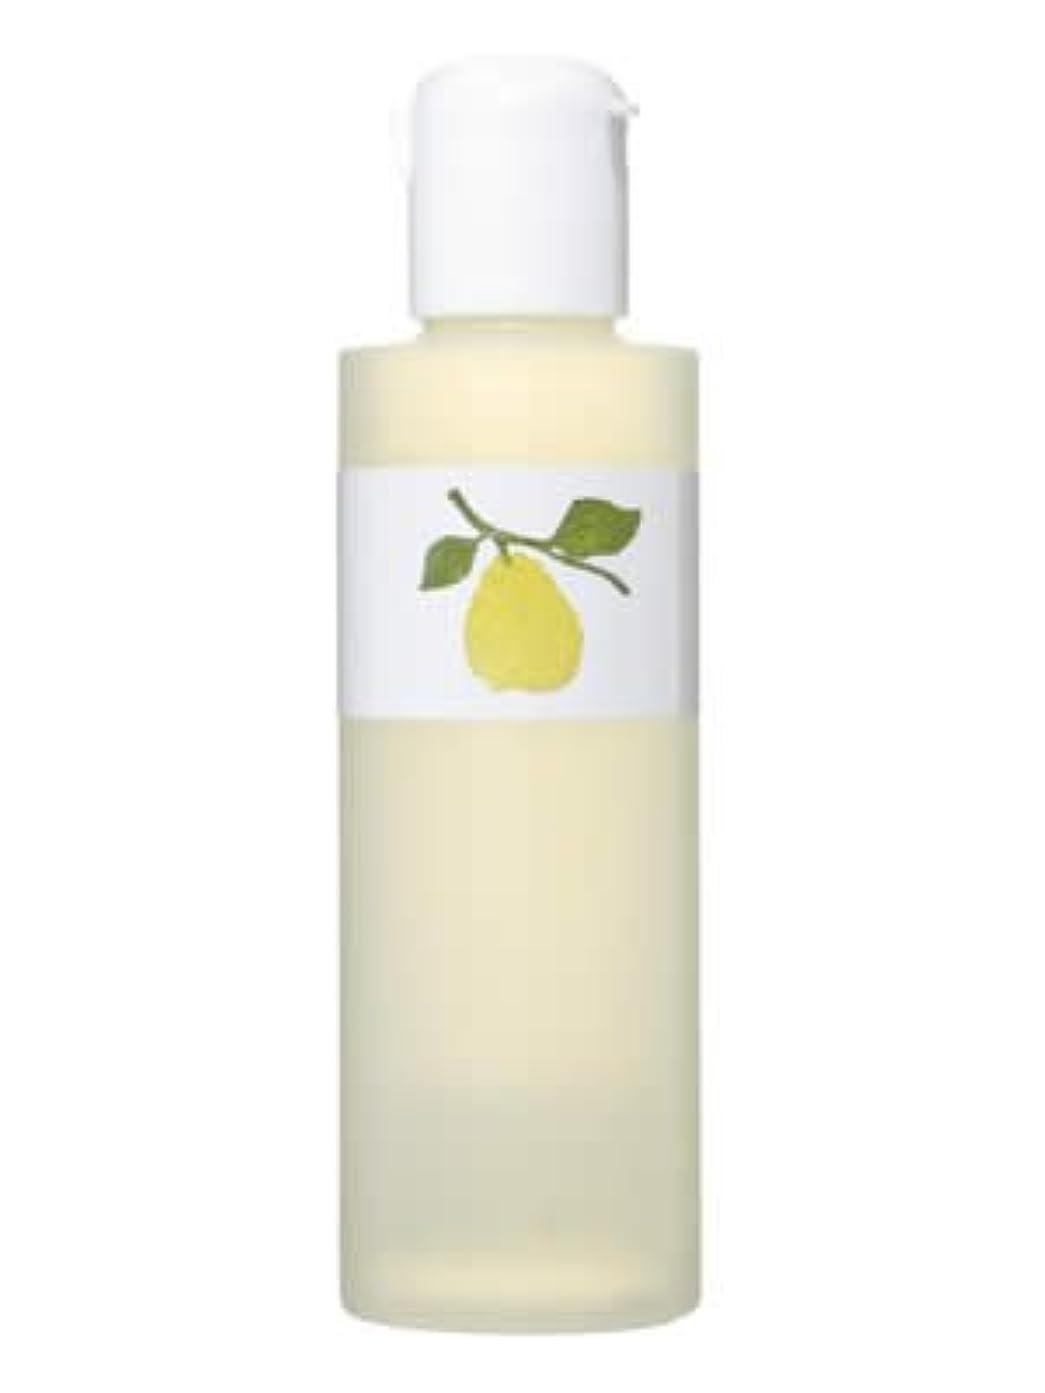 クレーンエンドテーブルわかる花梨の化粧水 200ml